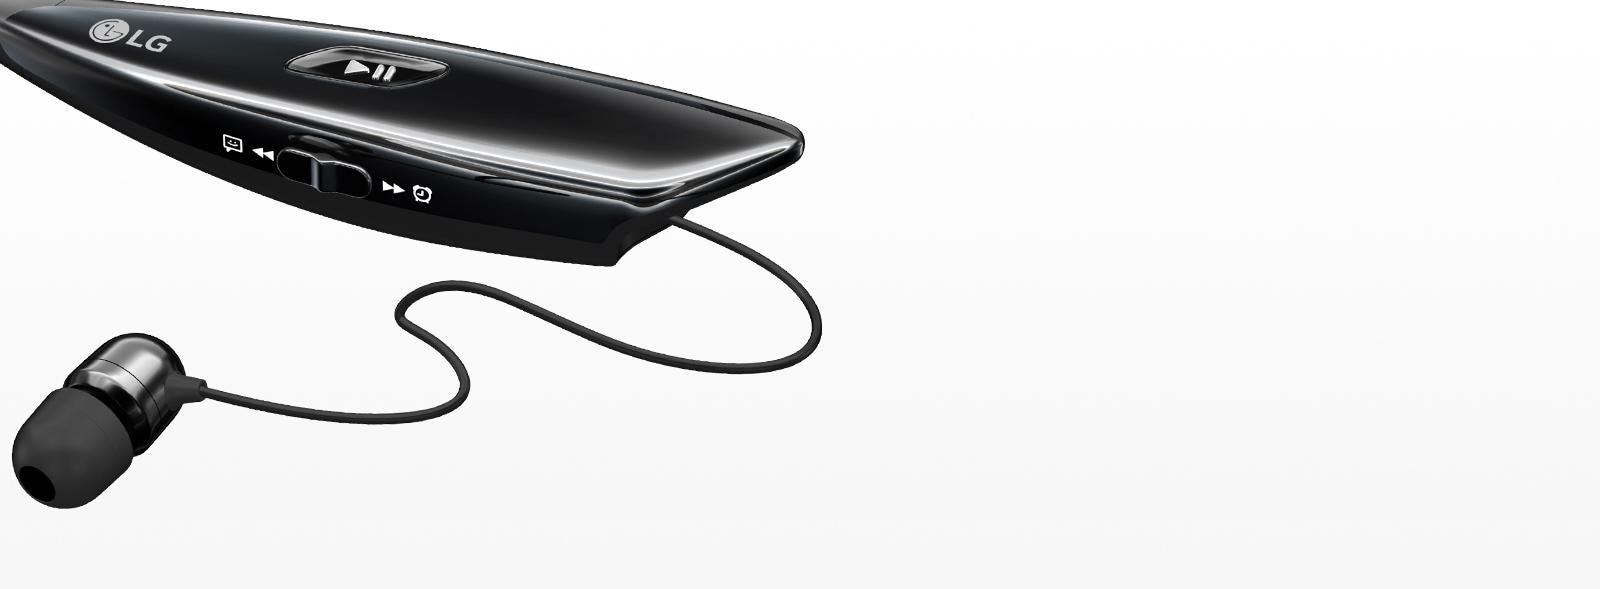 2e1f69400c0 LG HBS-810: LG TONE ULTRA Headset in Black | LG USA